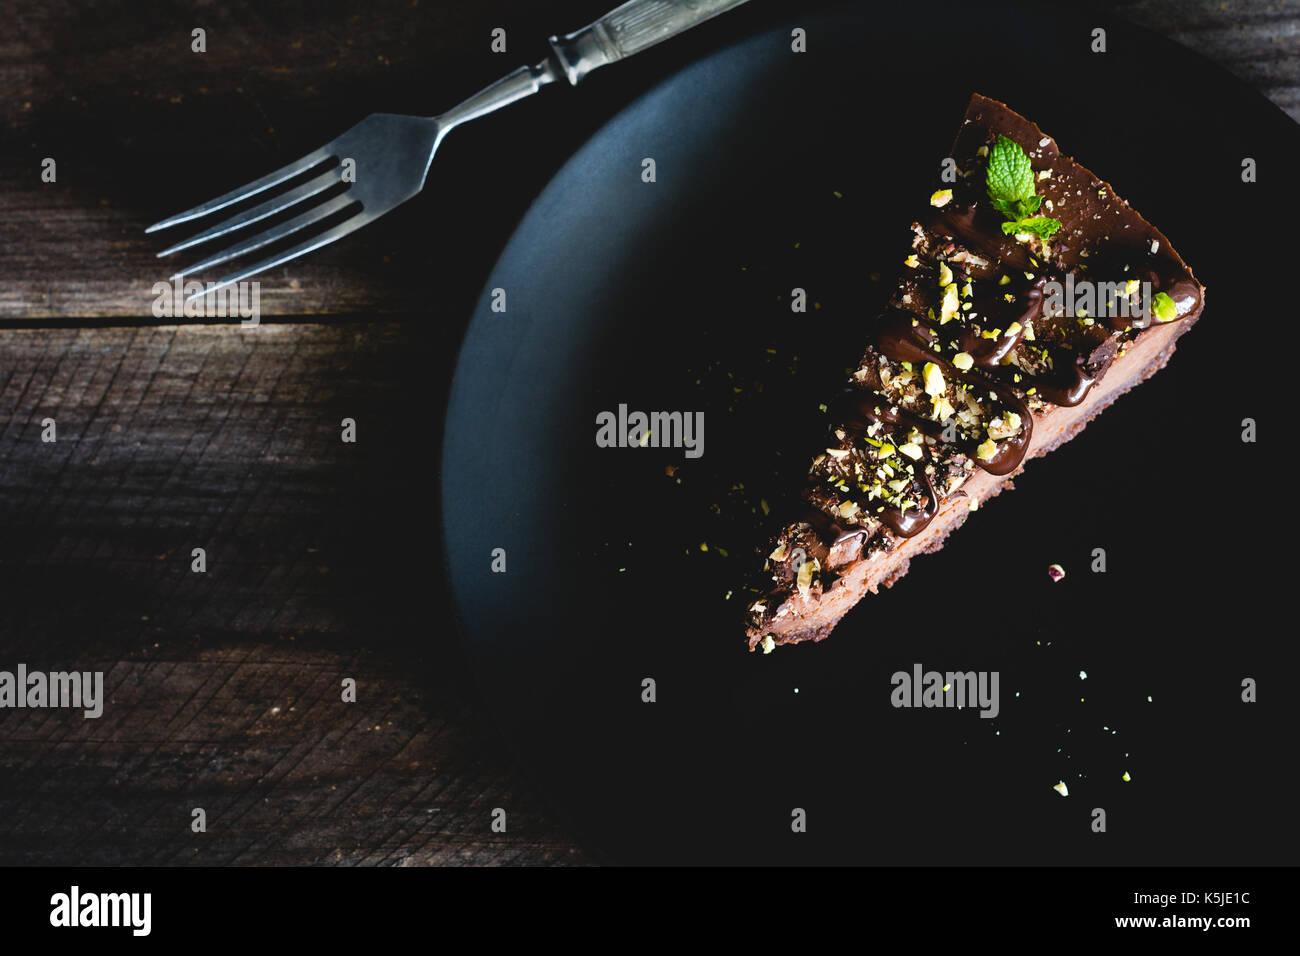 Dunkle Schokolade Käsekuchen mit gehackten Pistazien und minzeblatt auf schwarzem Teller auf hölzernen Tisch eingerichtet. Ansicht von oben, getönten Bild Stockbild